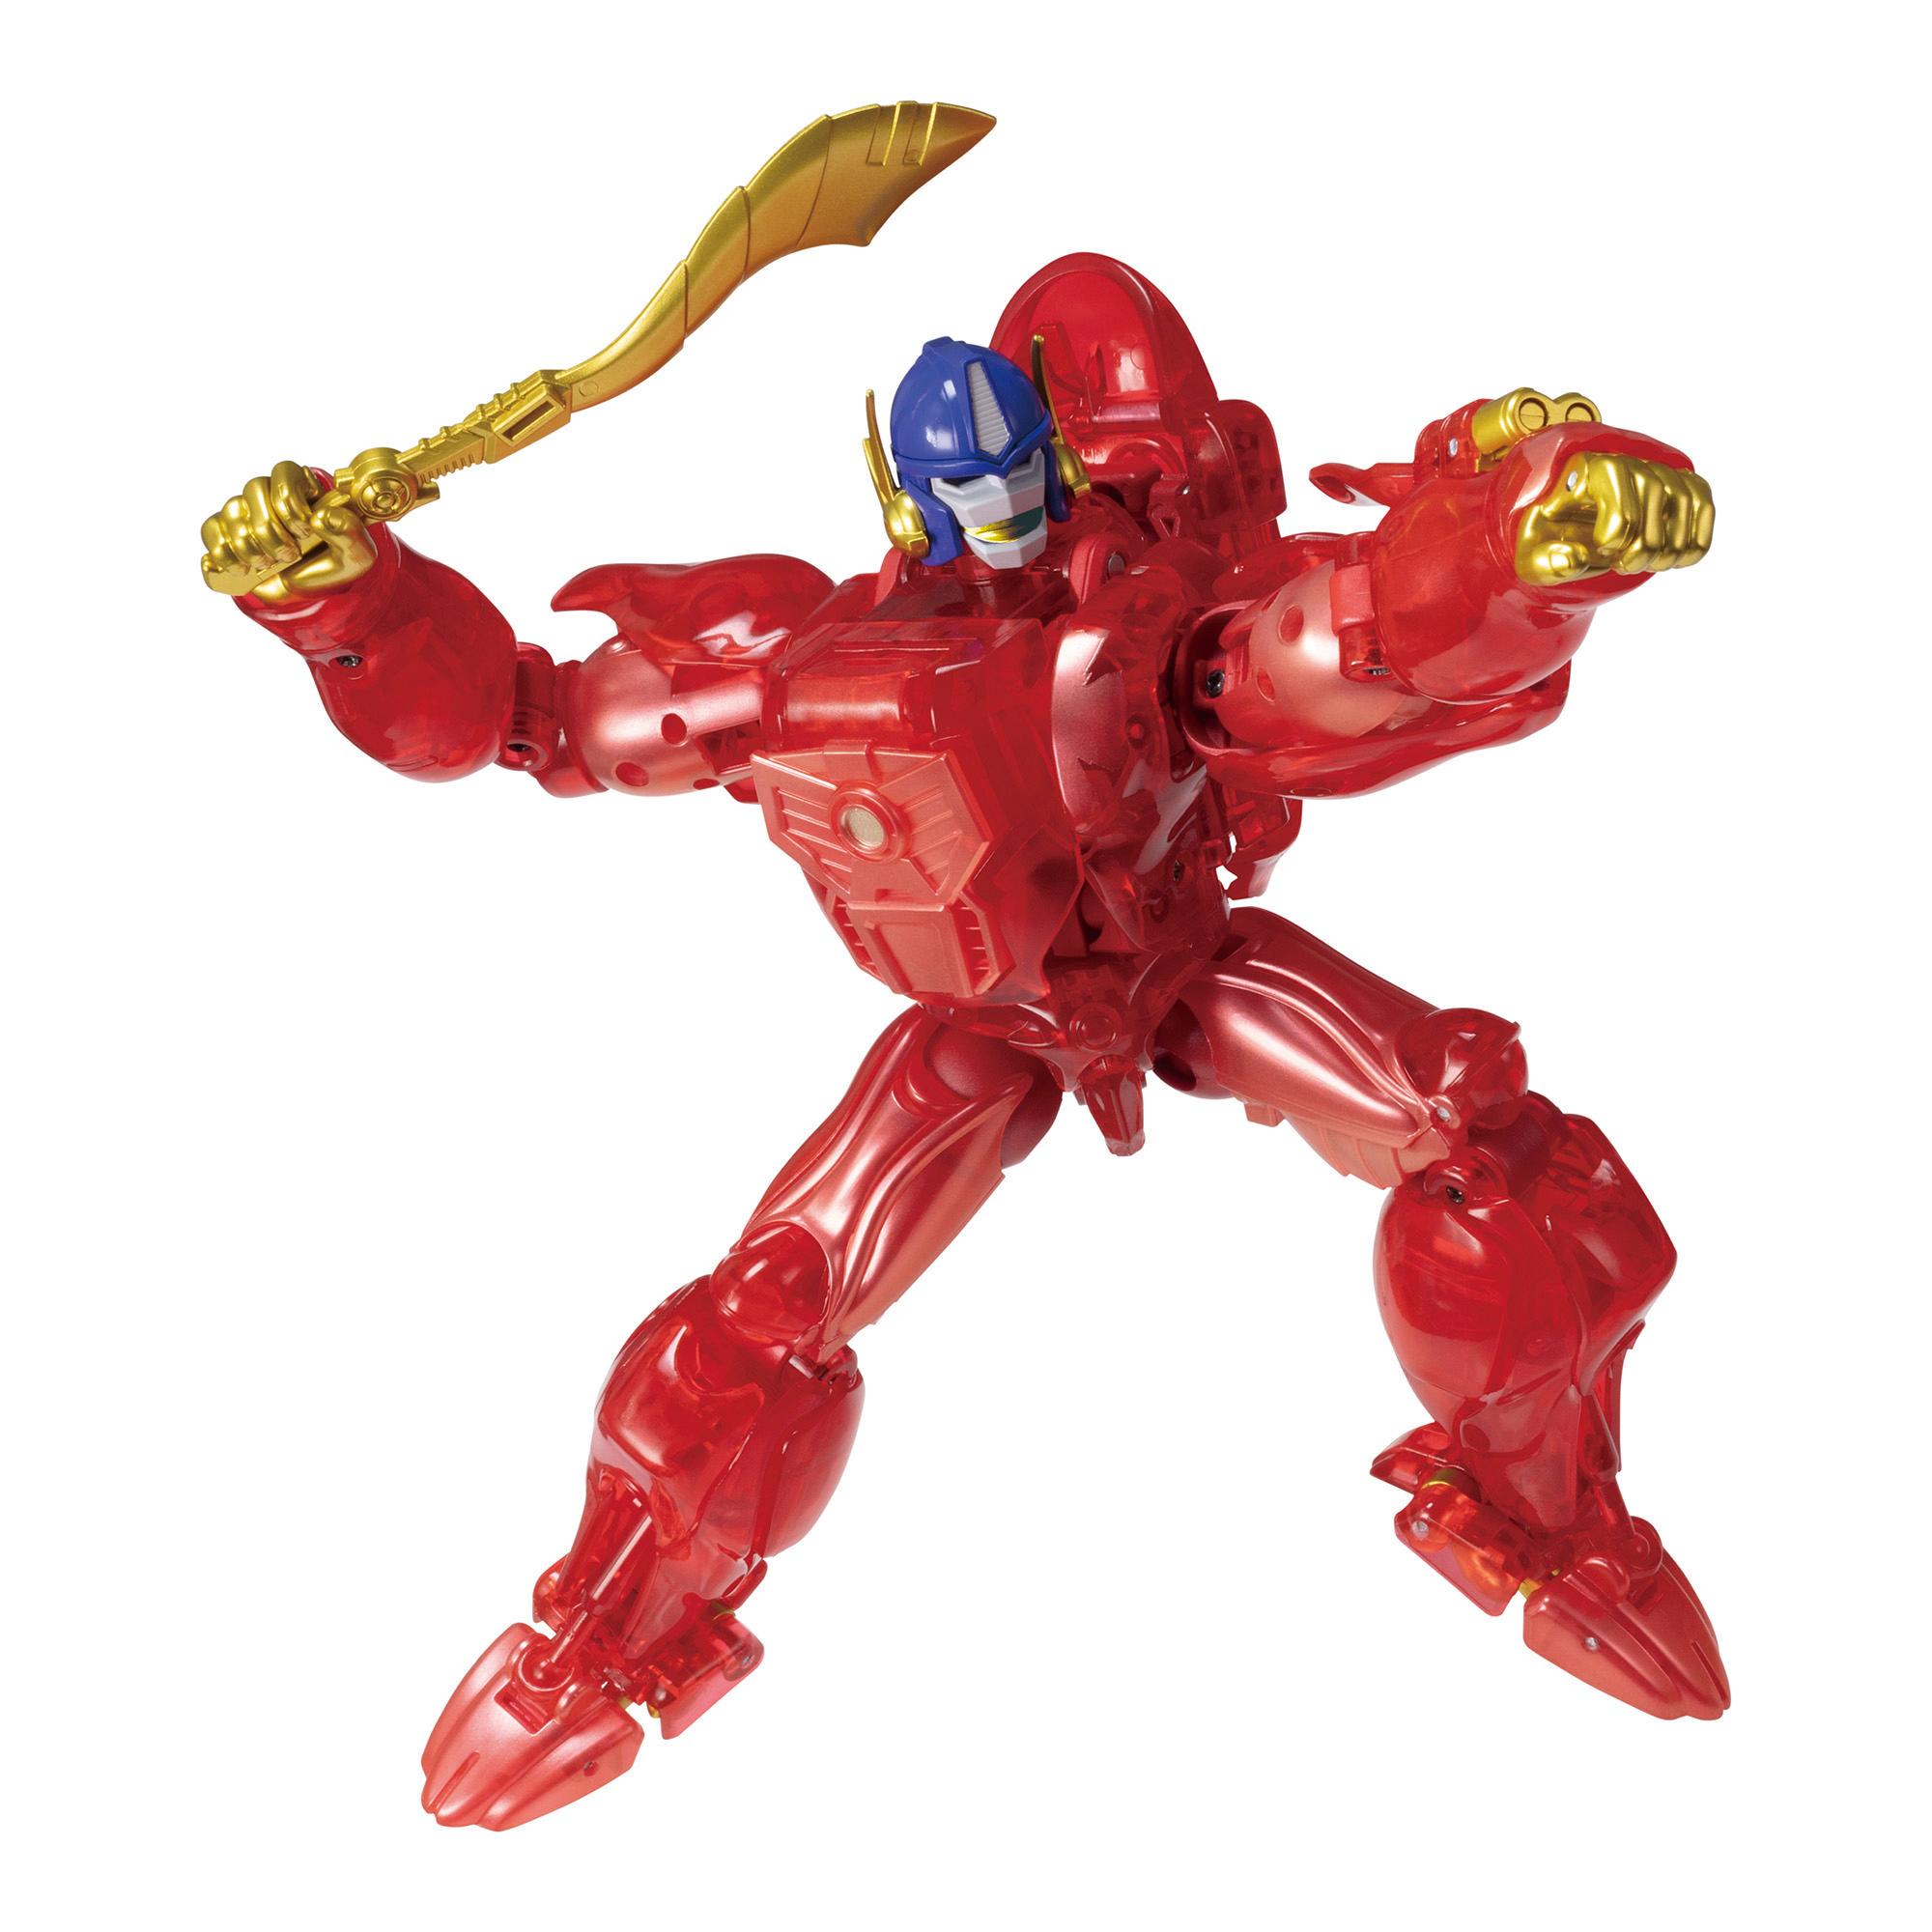 Transformers Masterpiece, figurine de collection MP-38+ Burning Convoy (produit Takara Tomy authentique, comme au Japon)